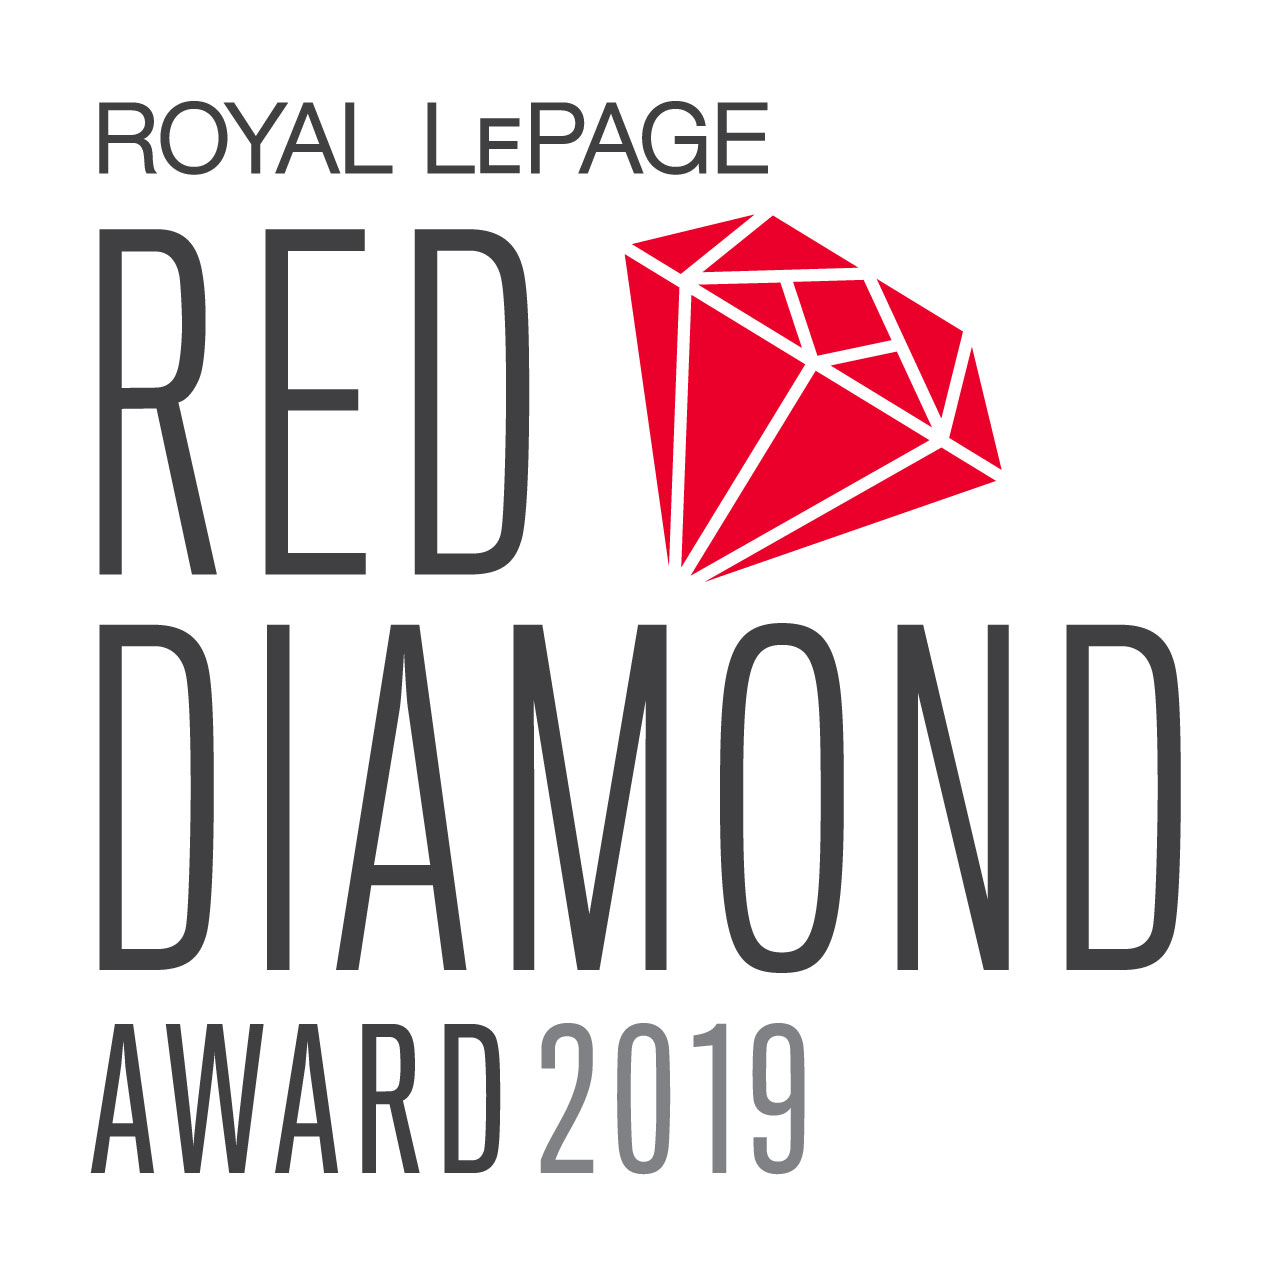 President's Gold Award, Royal LePage, Tony Fabiano